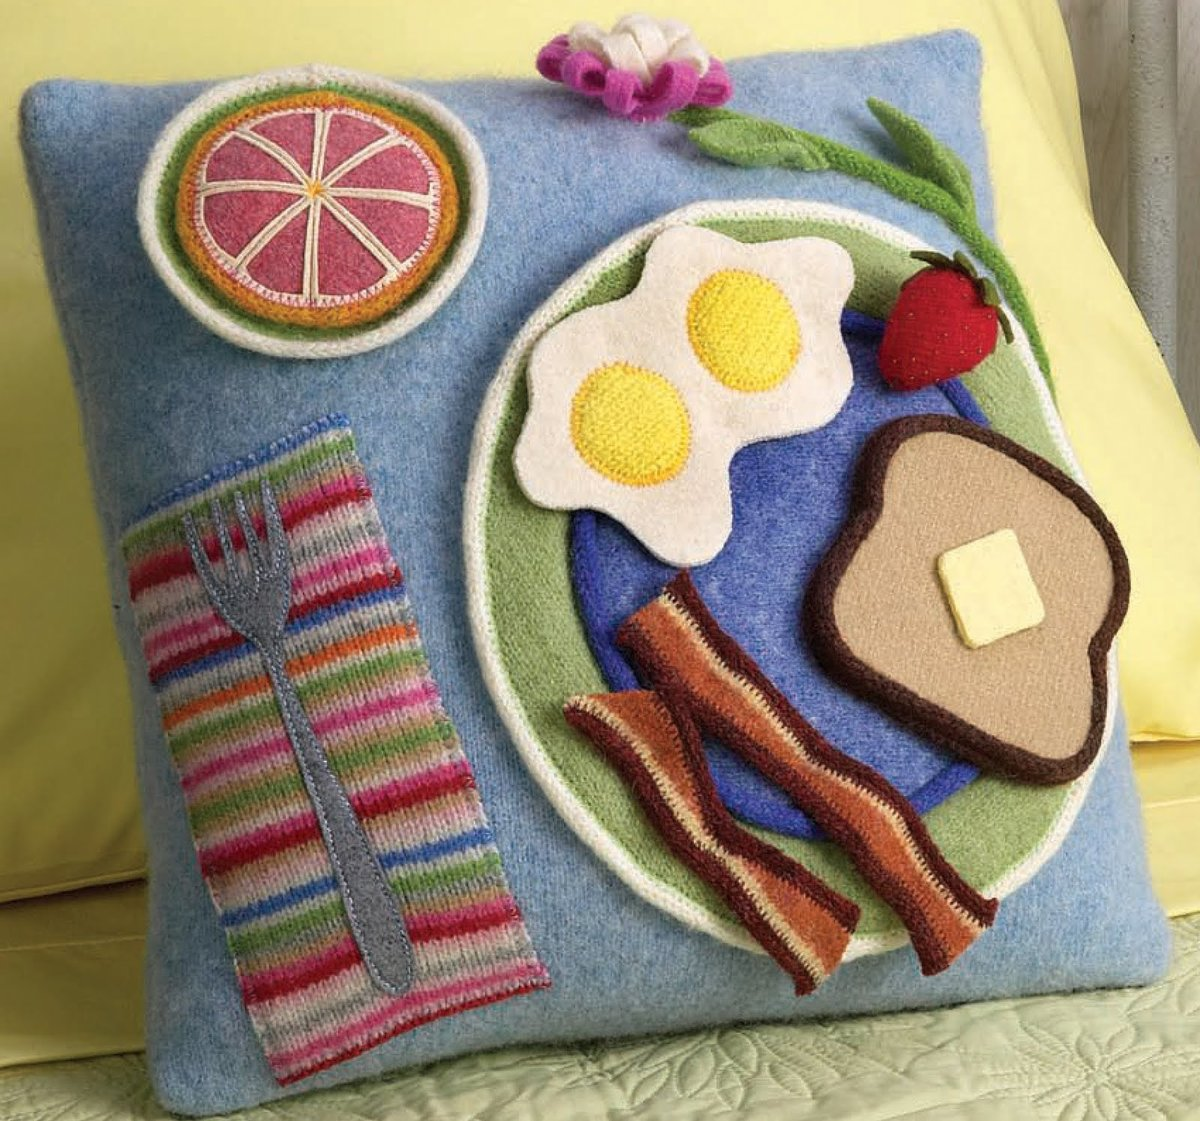 Рукоделие своими руками для дома поделки из тканей подушки 7